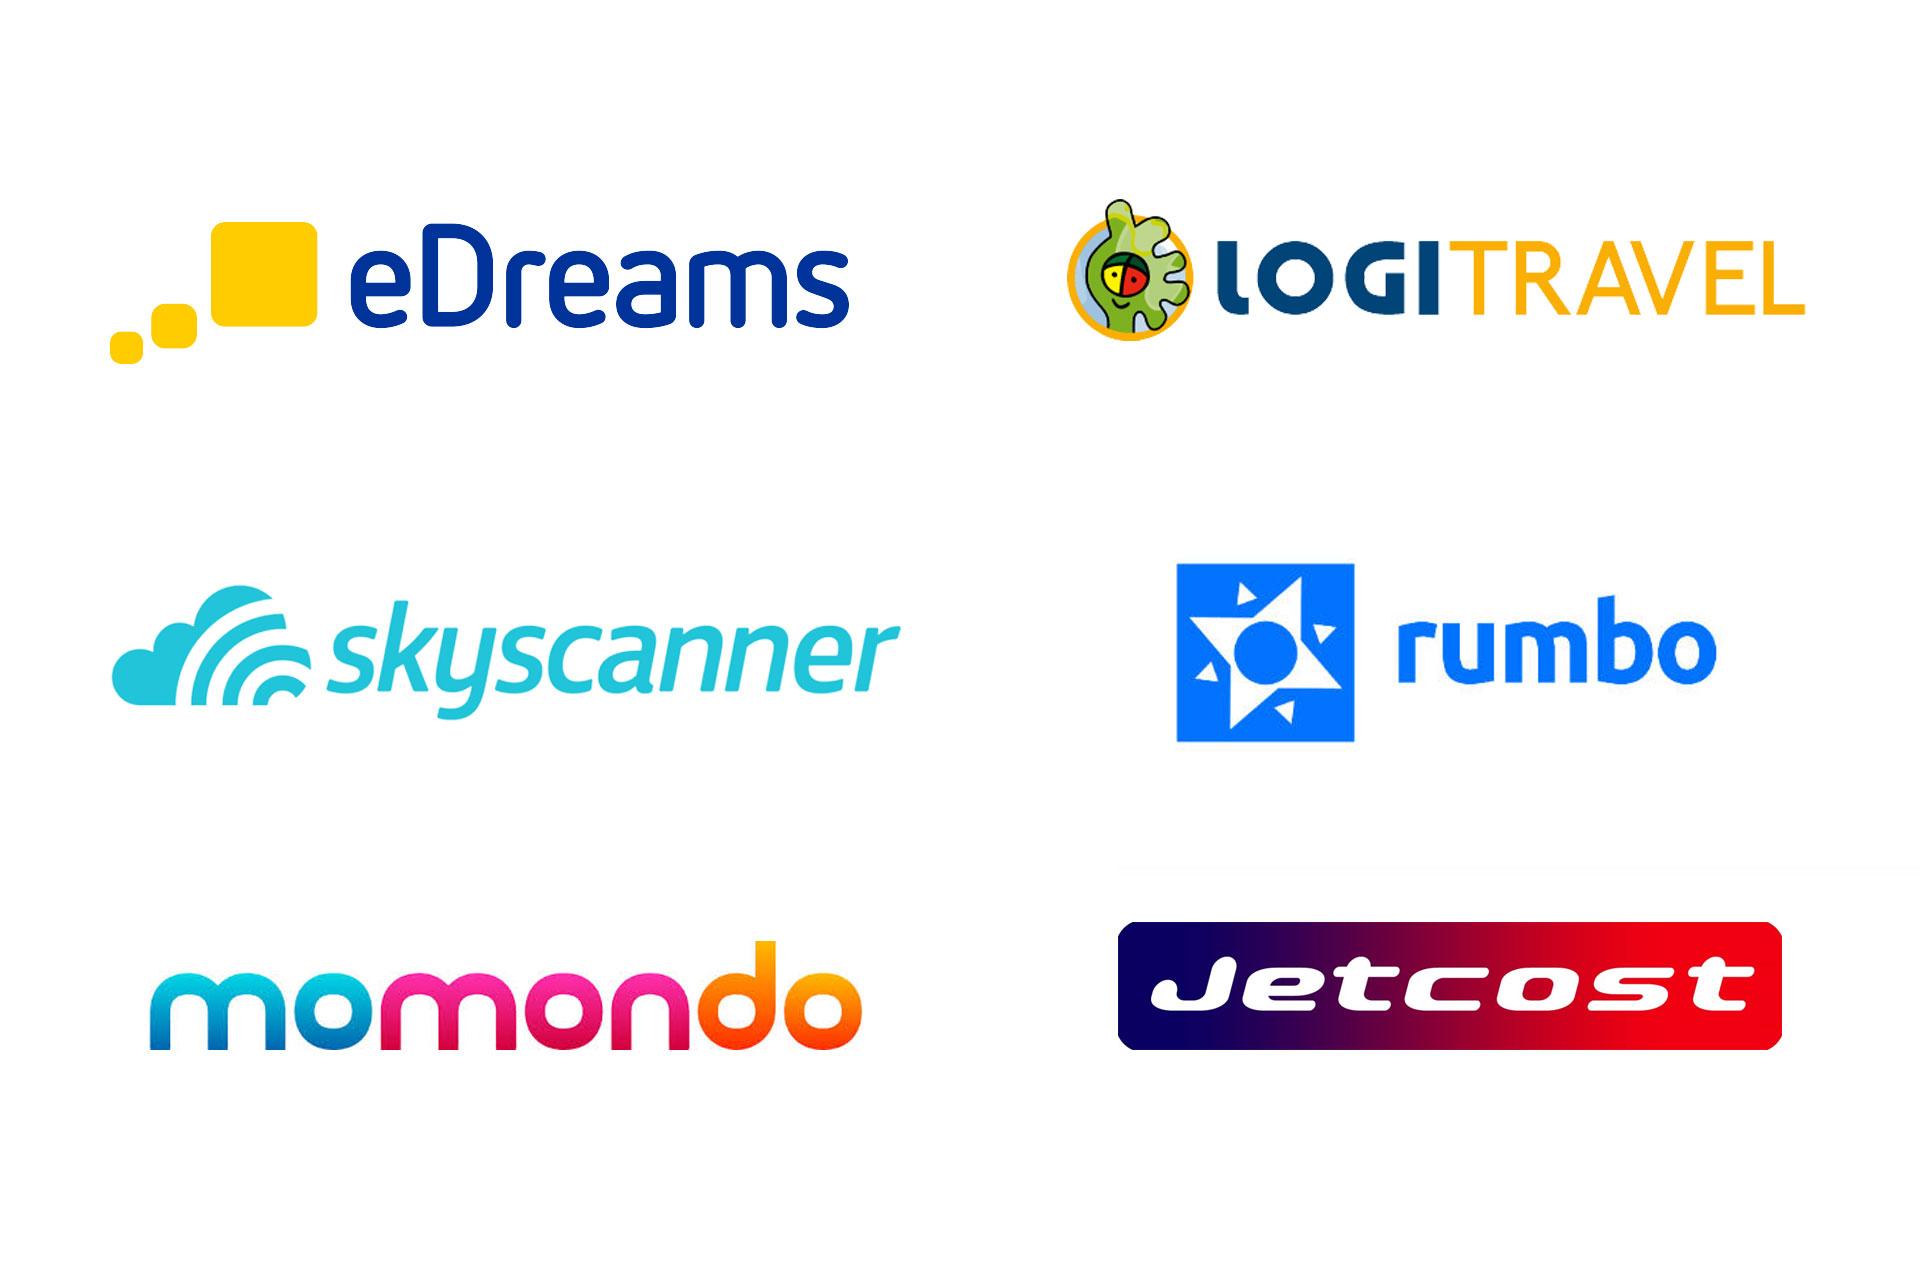 pesquisar voos baratos, motor de busca com comparador de preços